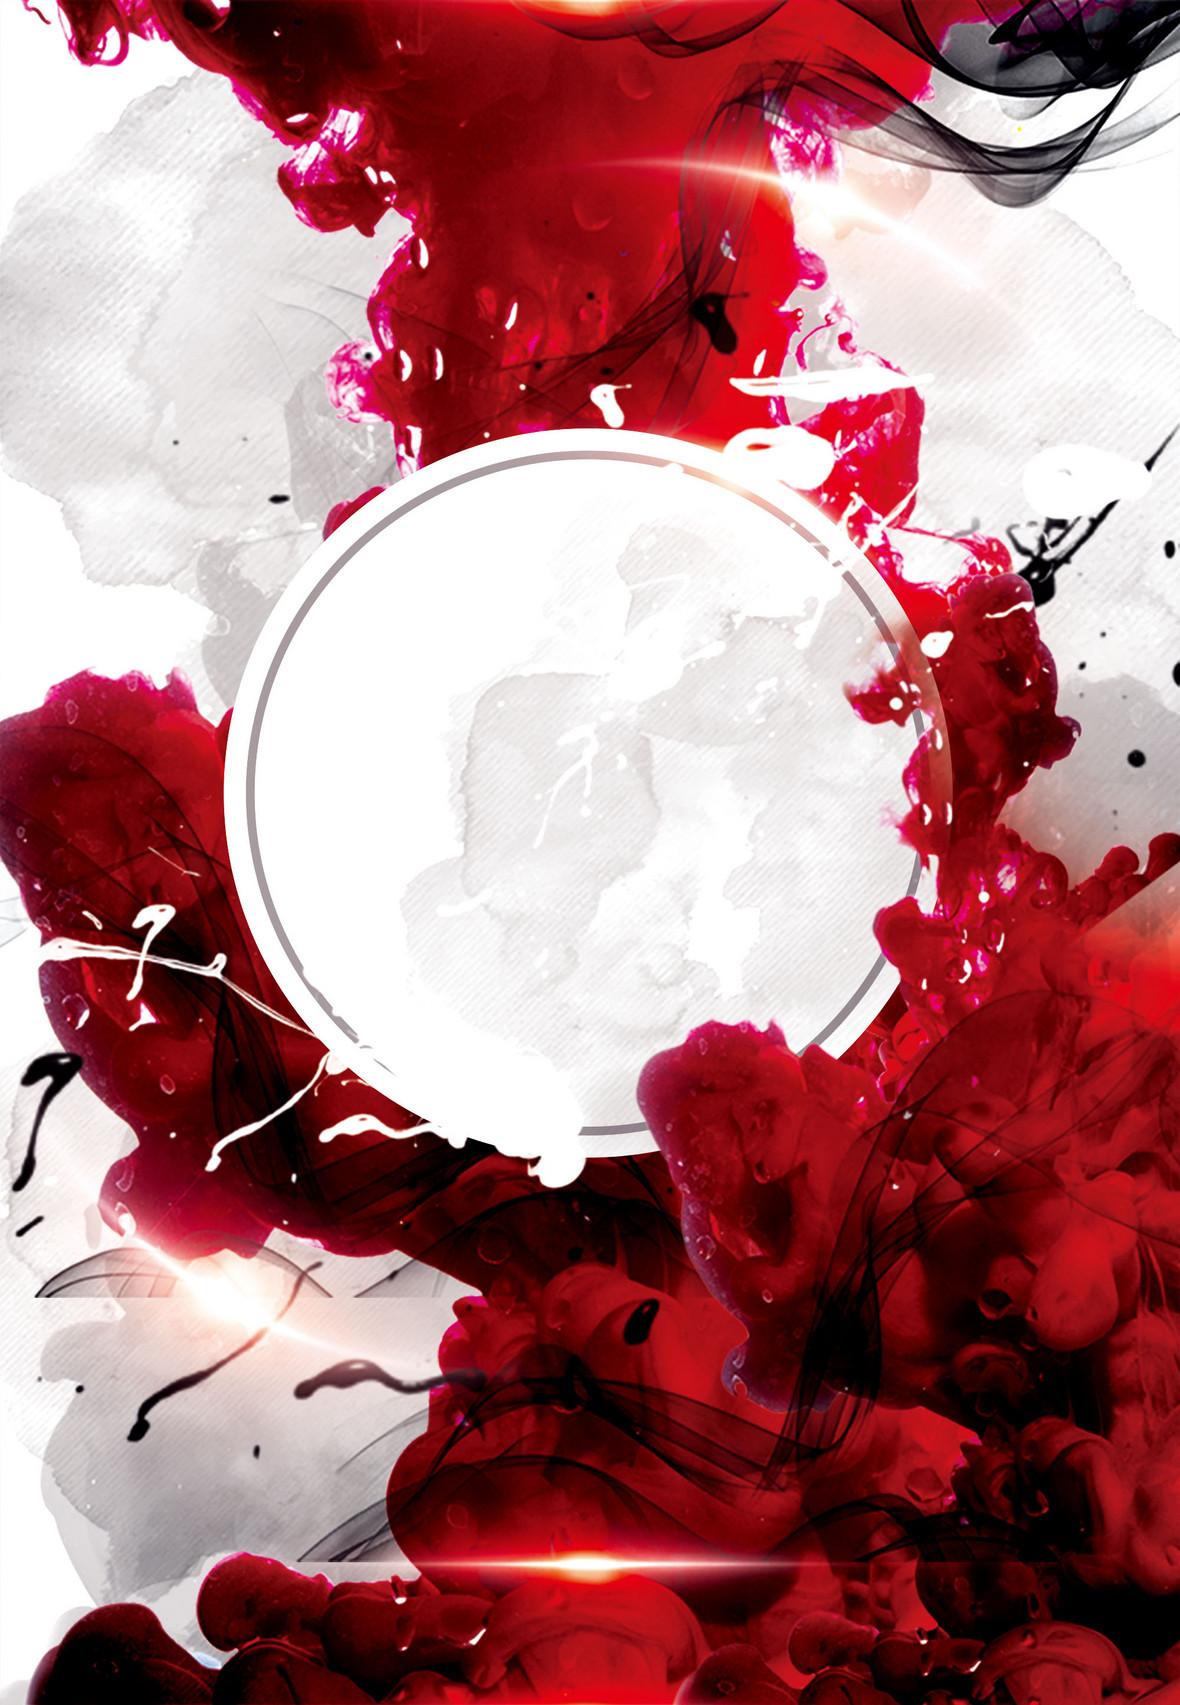 红色烟雾水墨海报背景素材